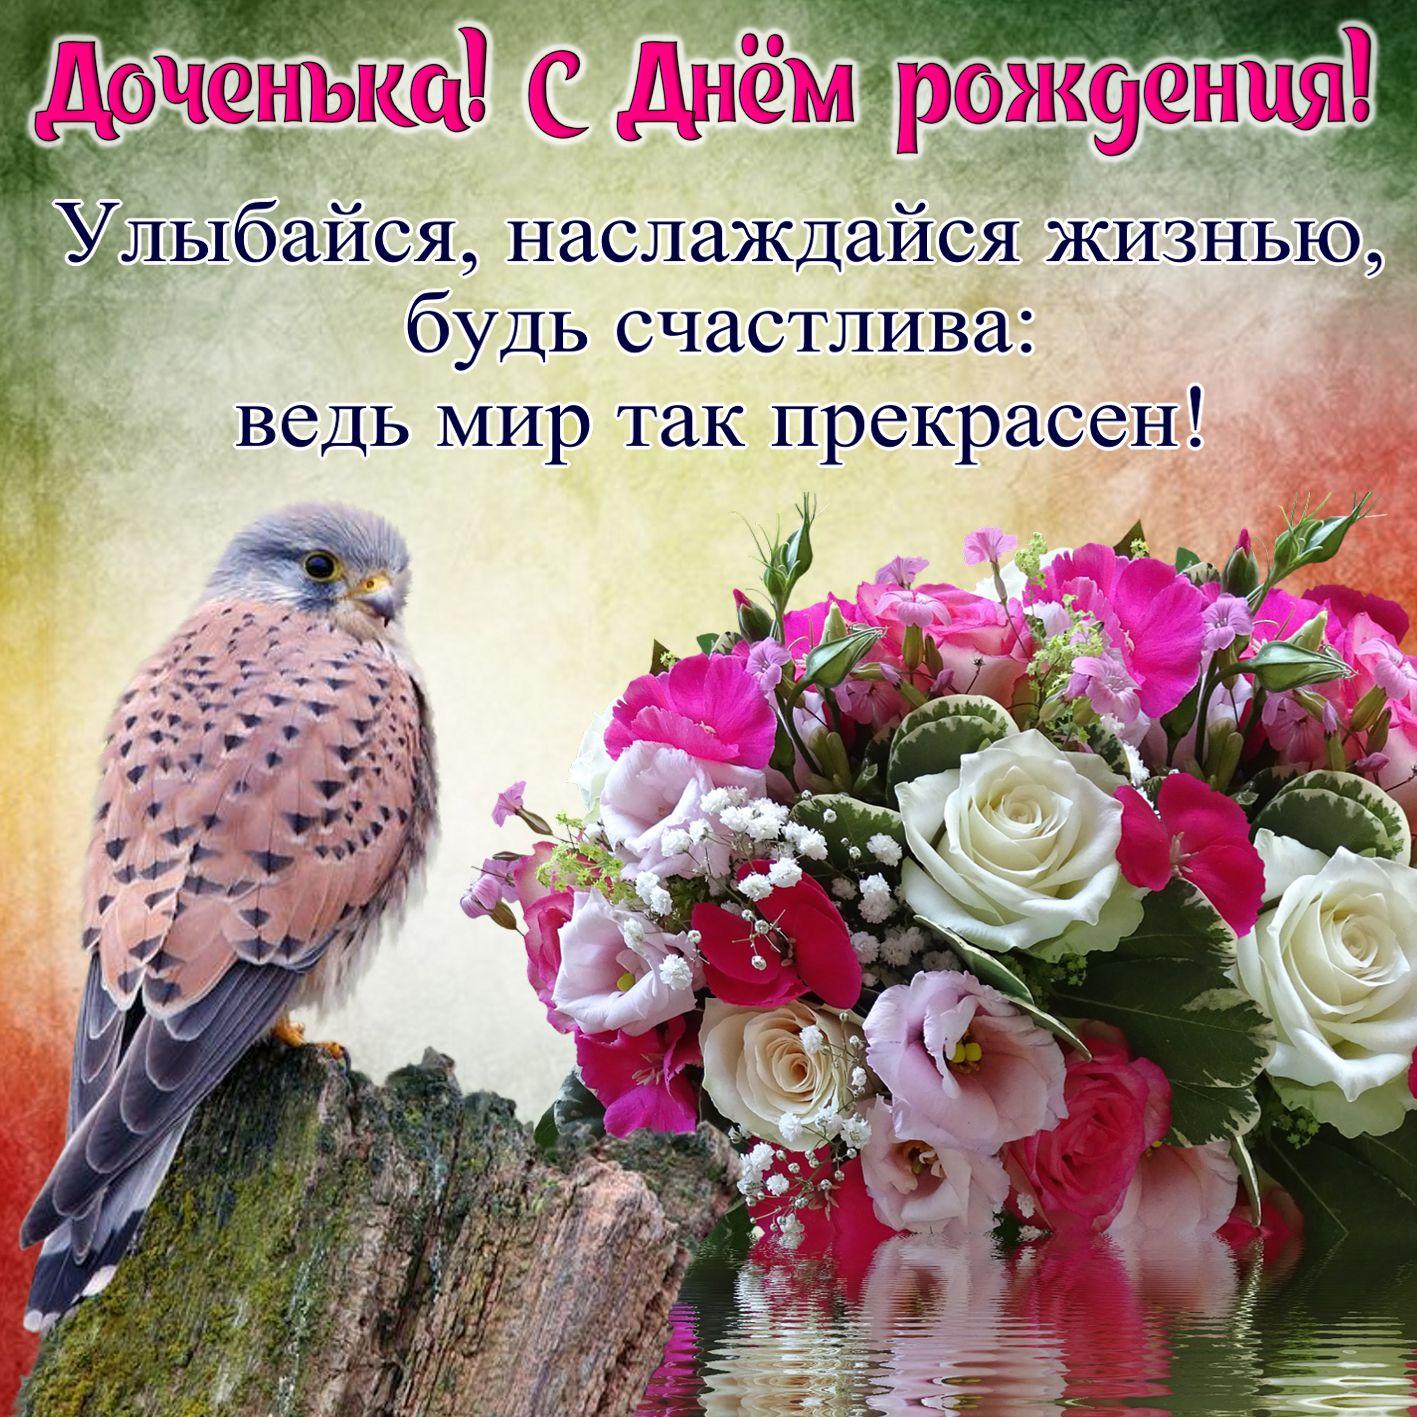 Красивая открытка с днем рождения дочери с цветами, картинки поздравление новорожденным